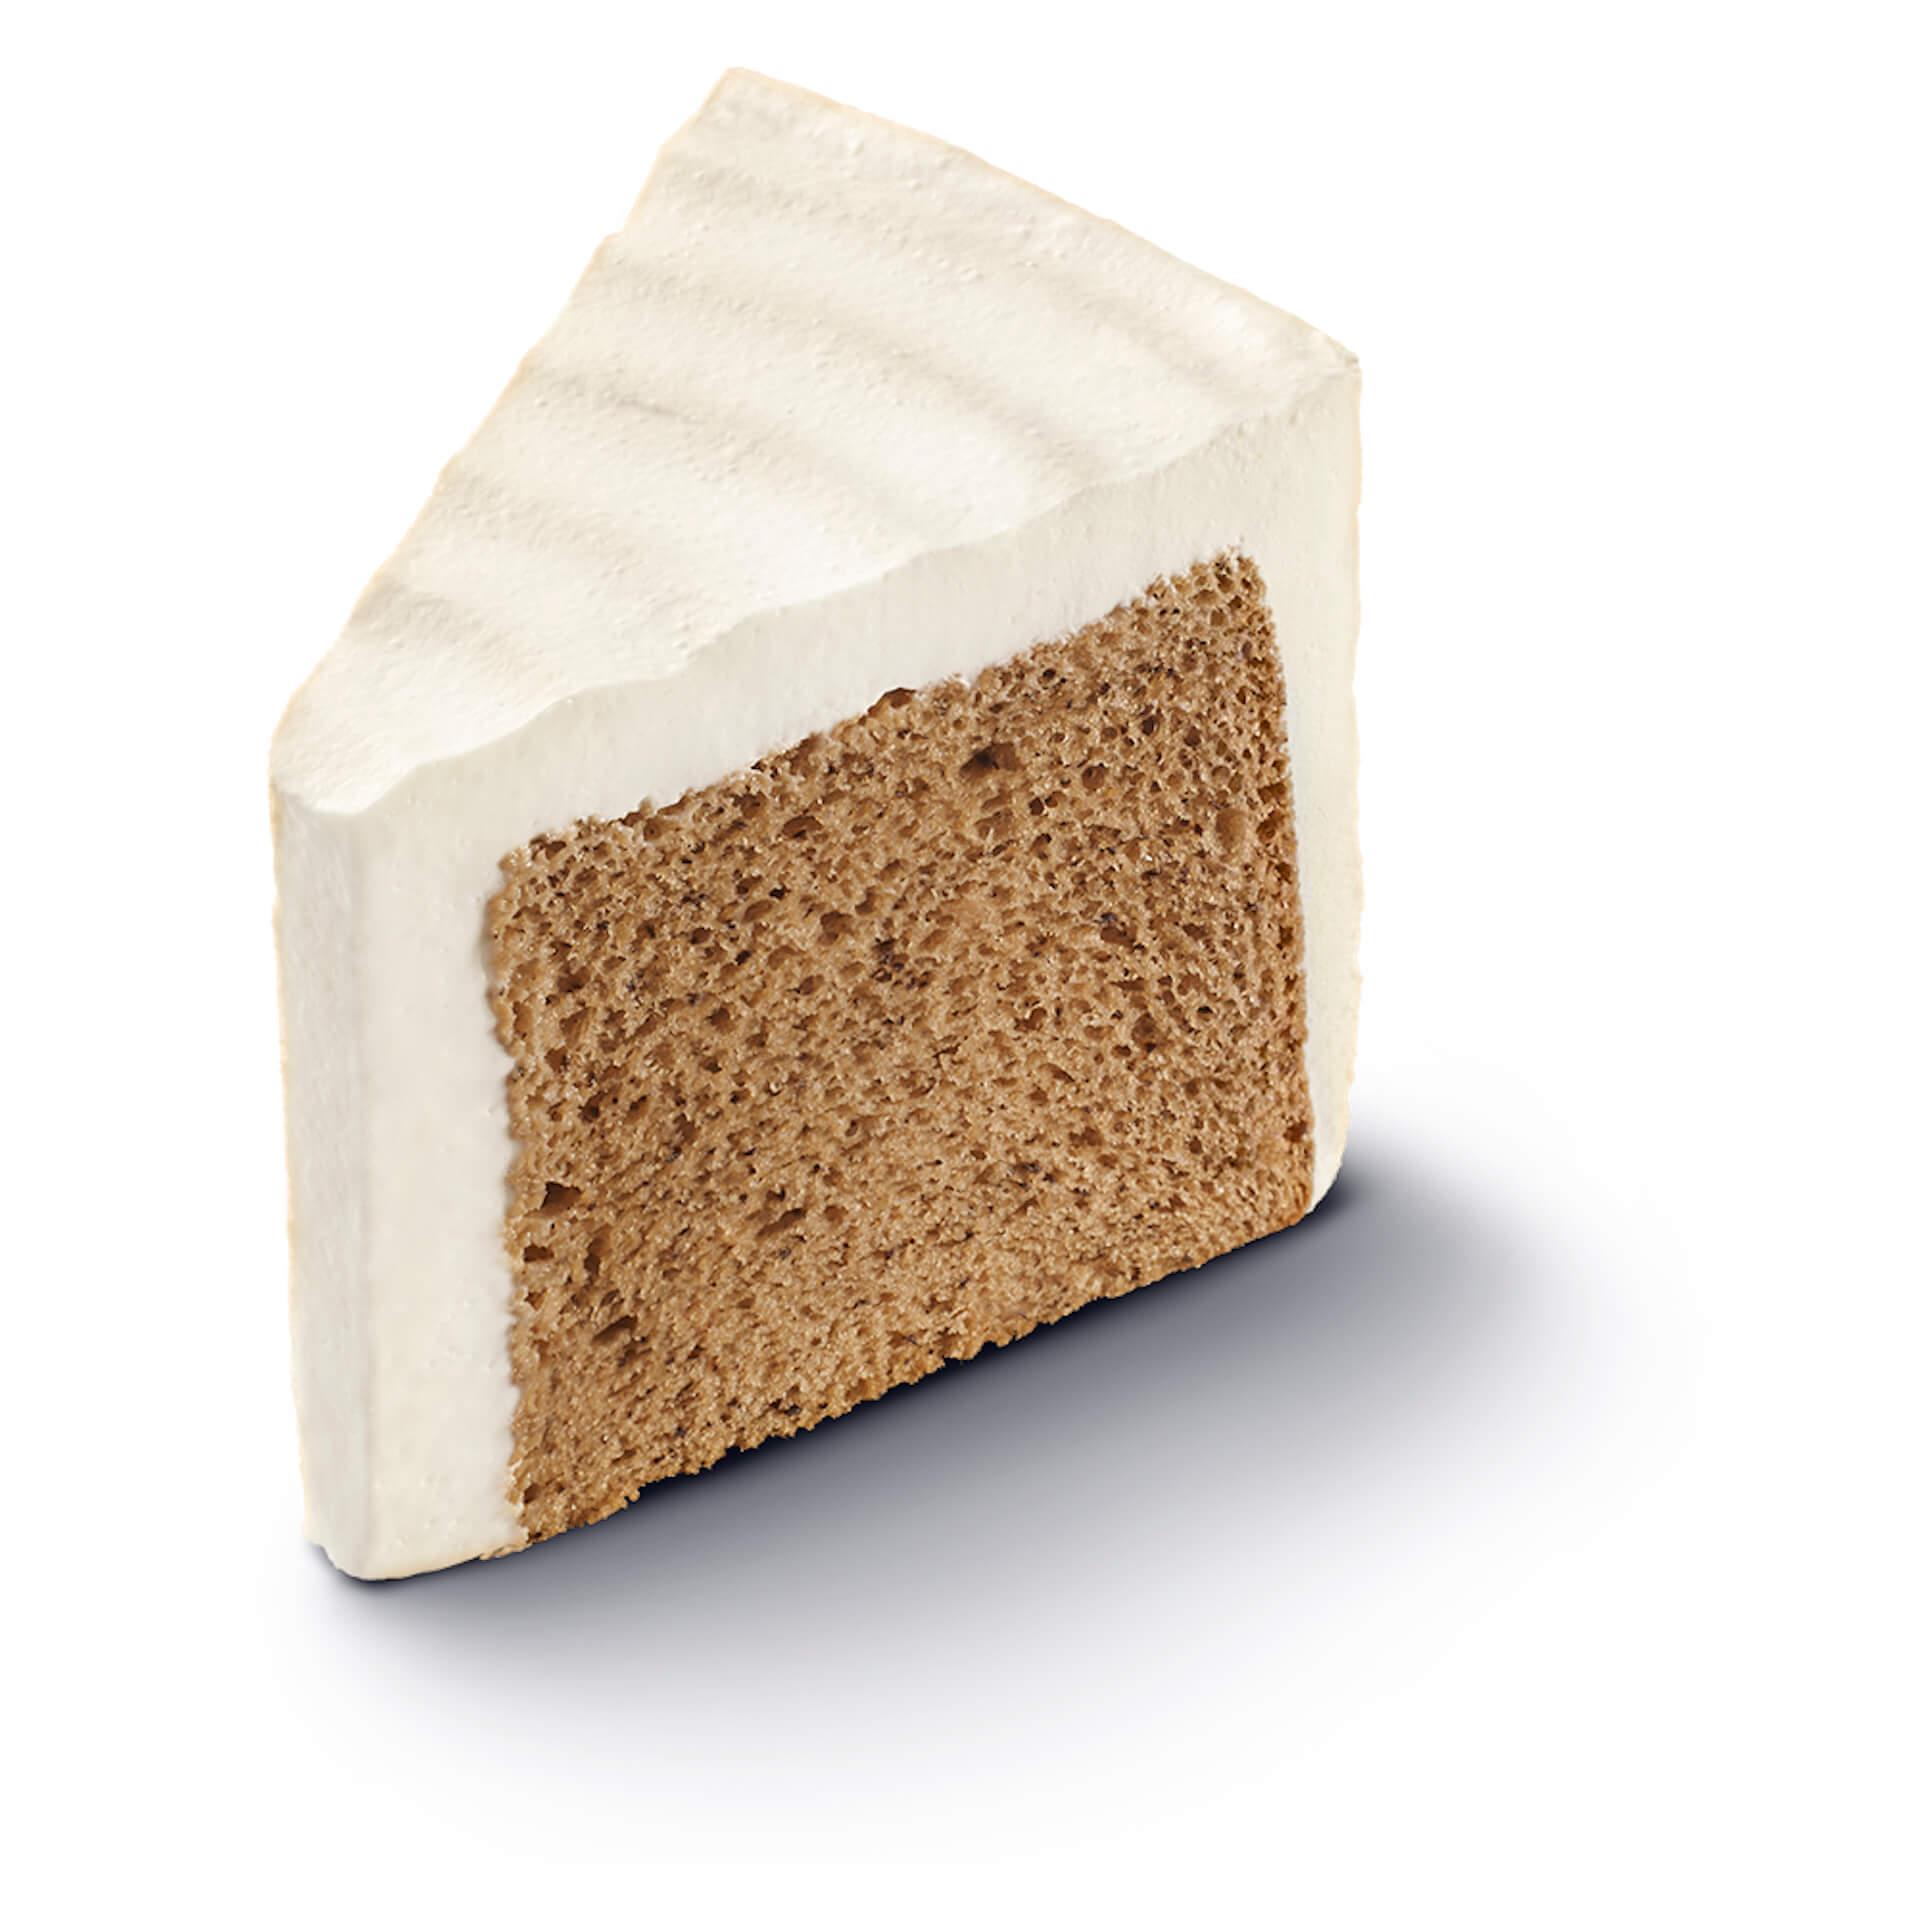 マクドナルドからオレオとのコラボチーズケーキ「オレオ クッキー チーズケーキ」が期間限定発売決定!500円のケーキセットも gourmet210317_mcdonald_oreo_5